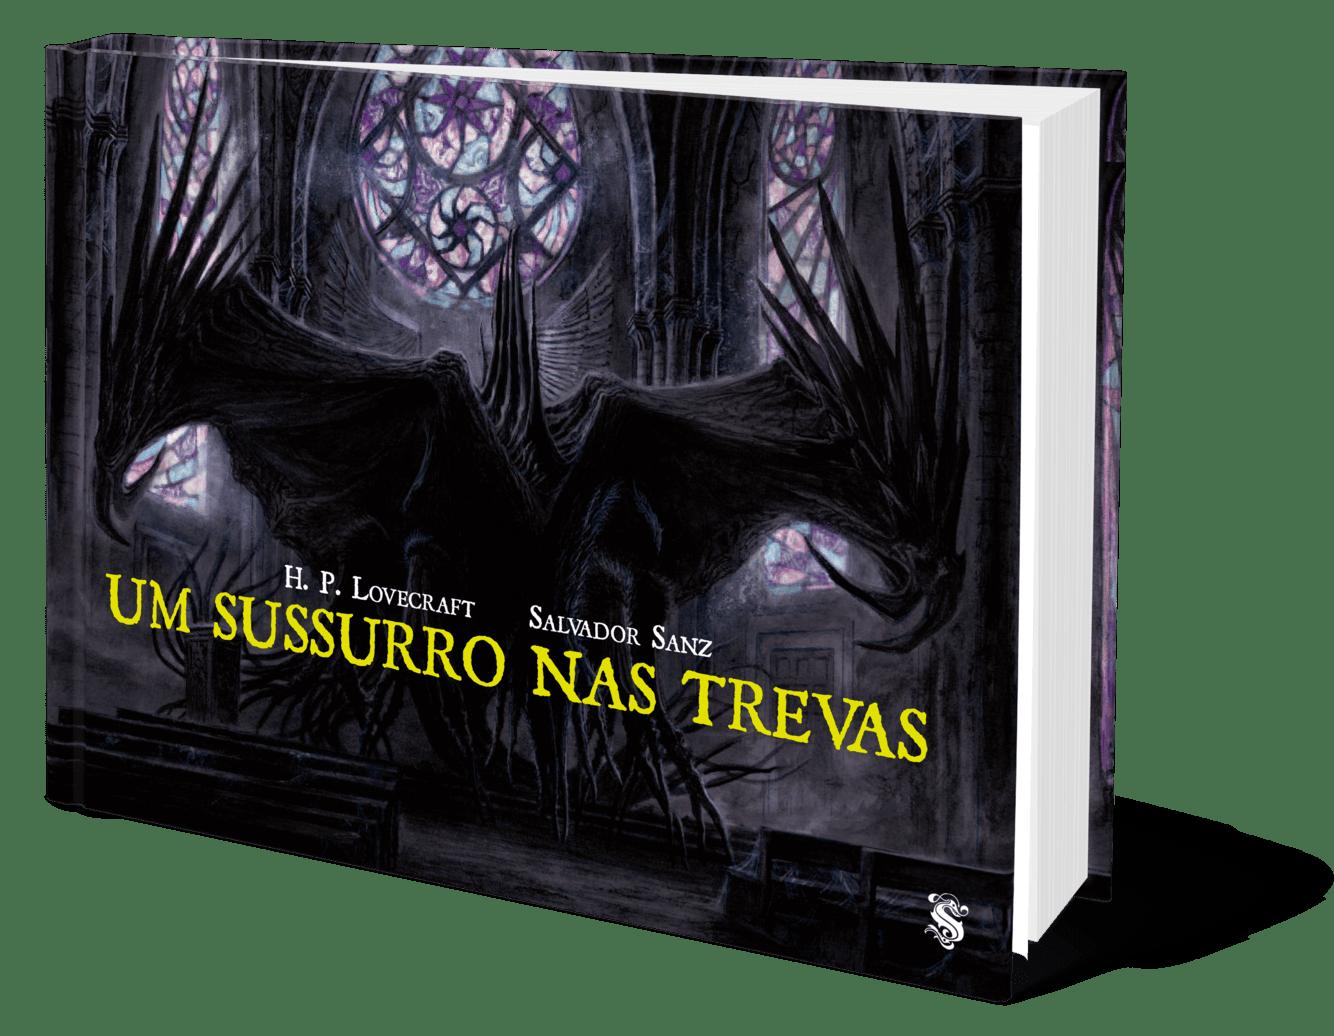 De Lovecraft: Um Sussurro nas Trevas